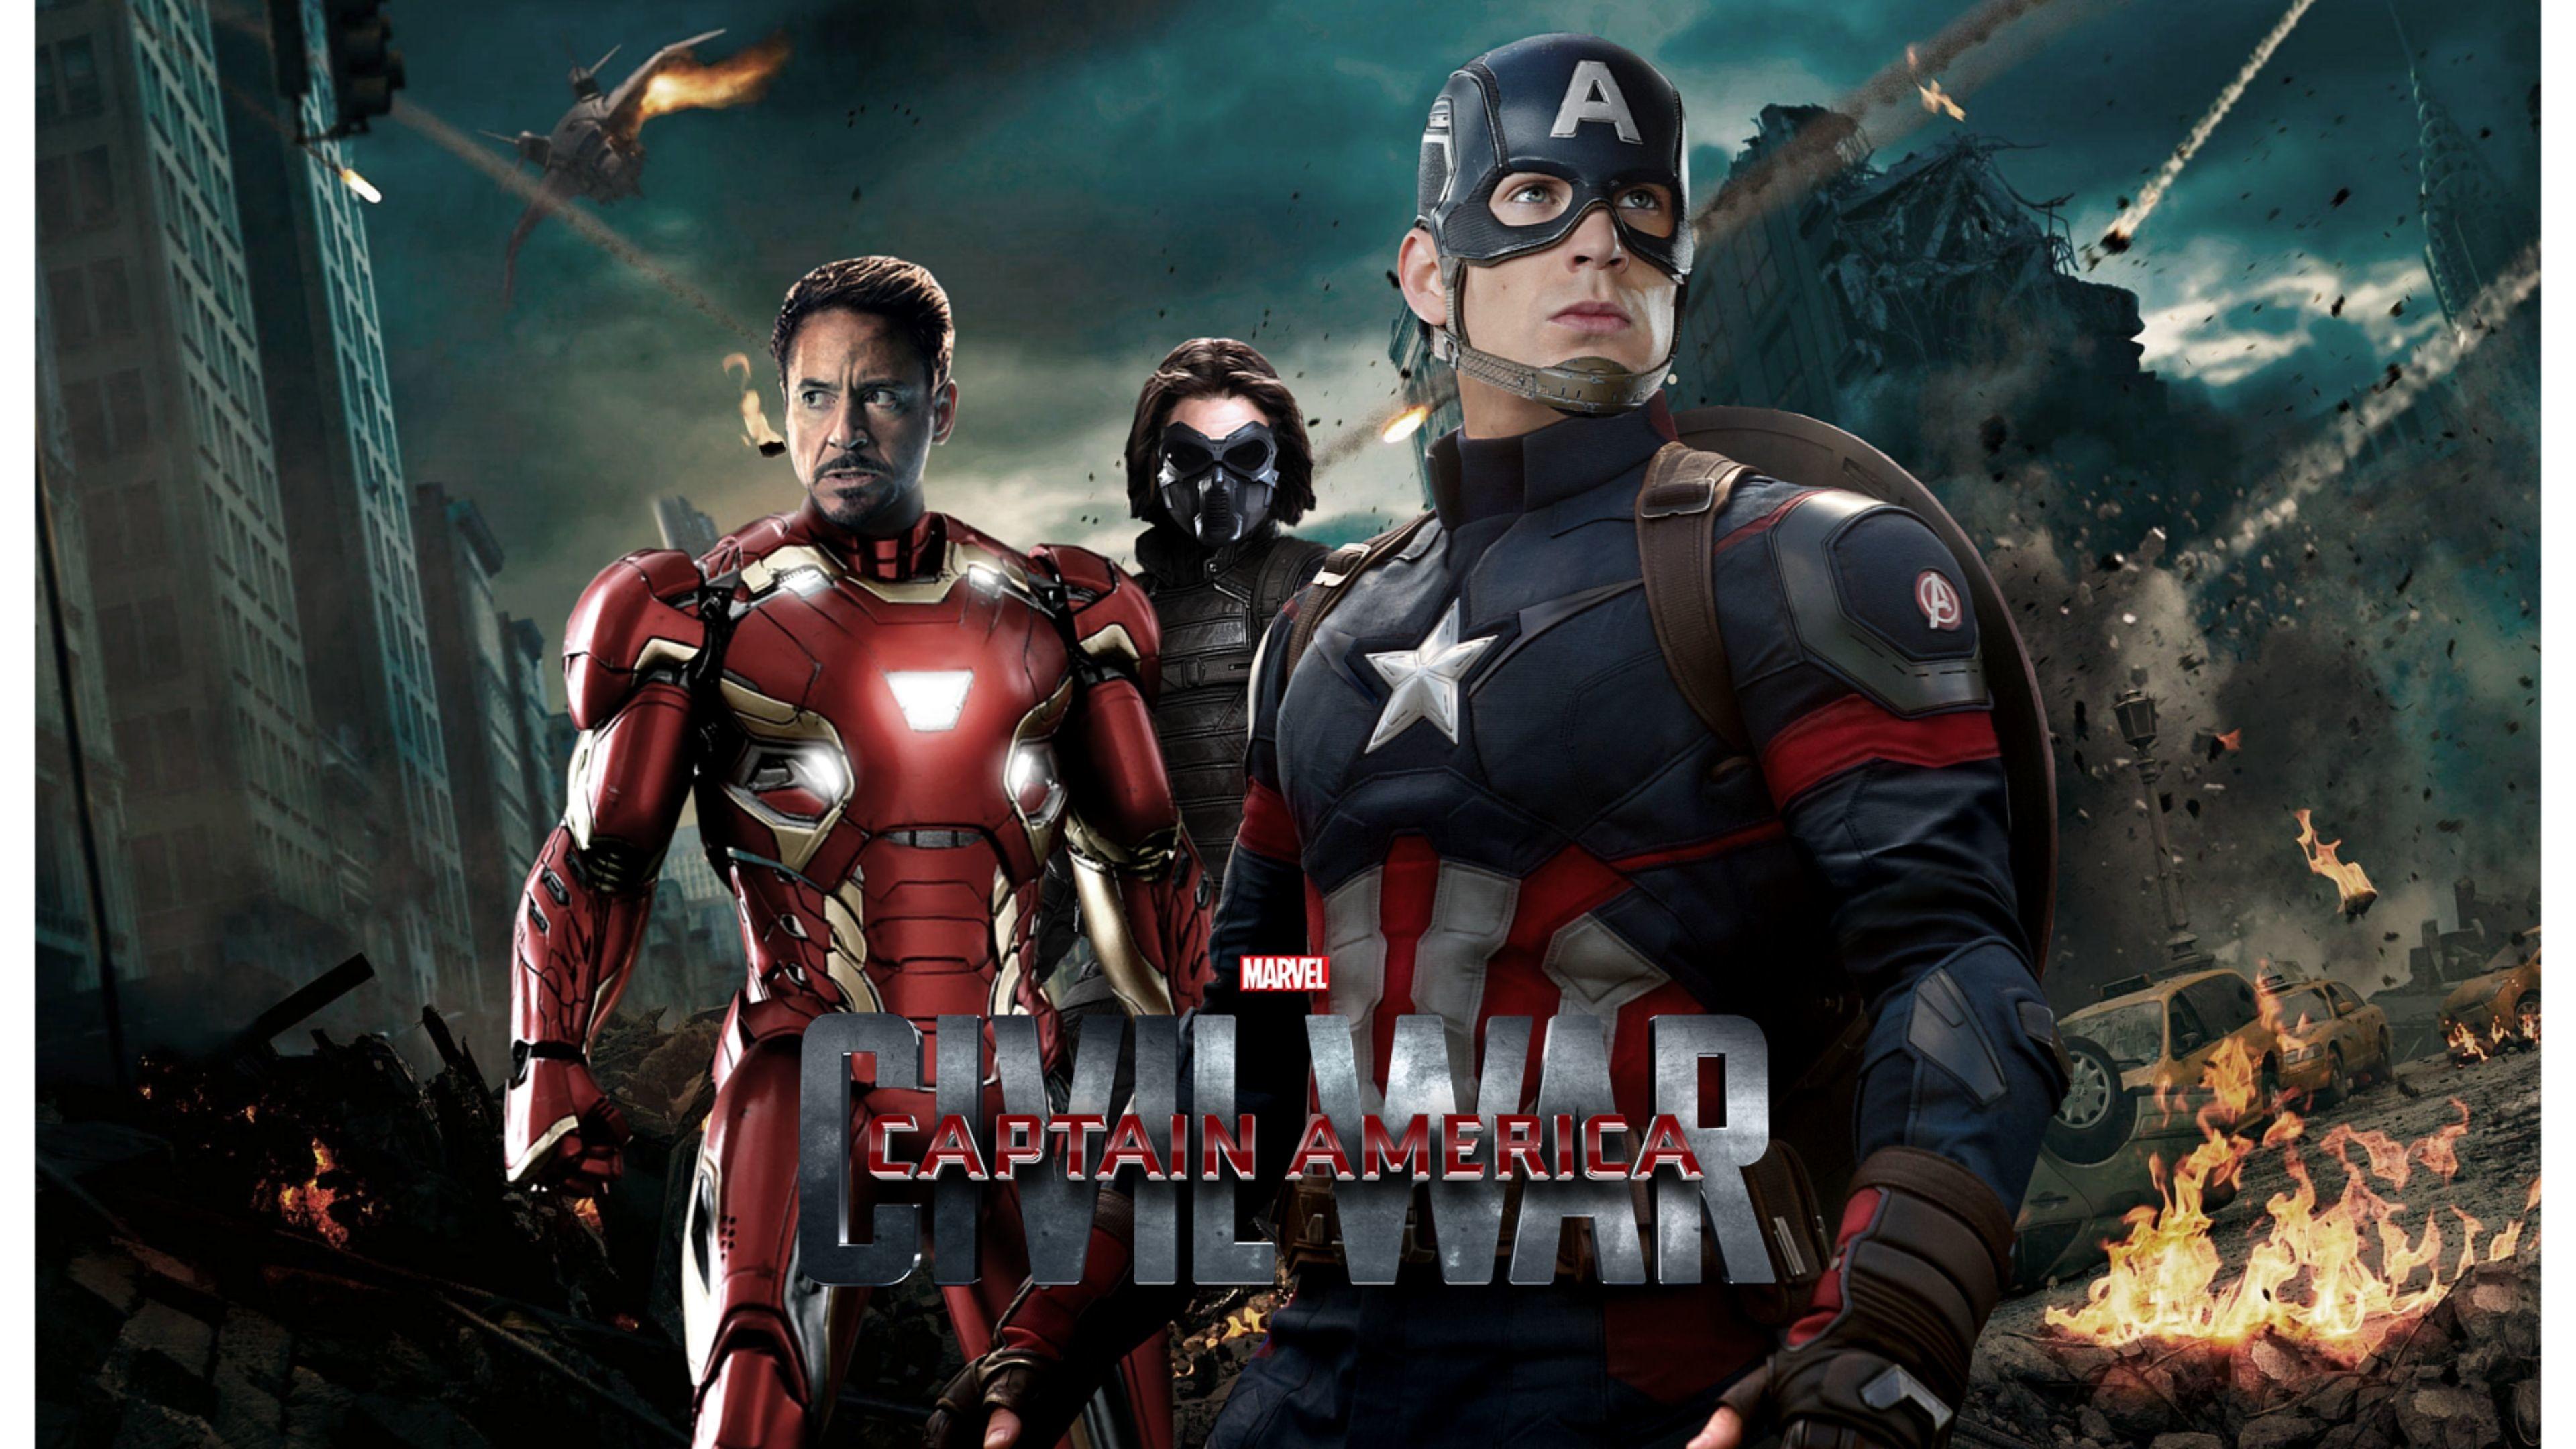 Captain America Civil War HD Wallpapers Backgrounds   HD Wallpapers    Pinterest   Hd wallpaper, Wallpaper backgrounds and Wallpaper